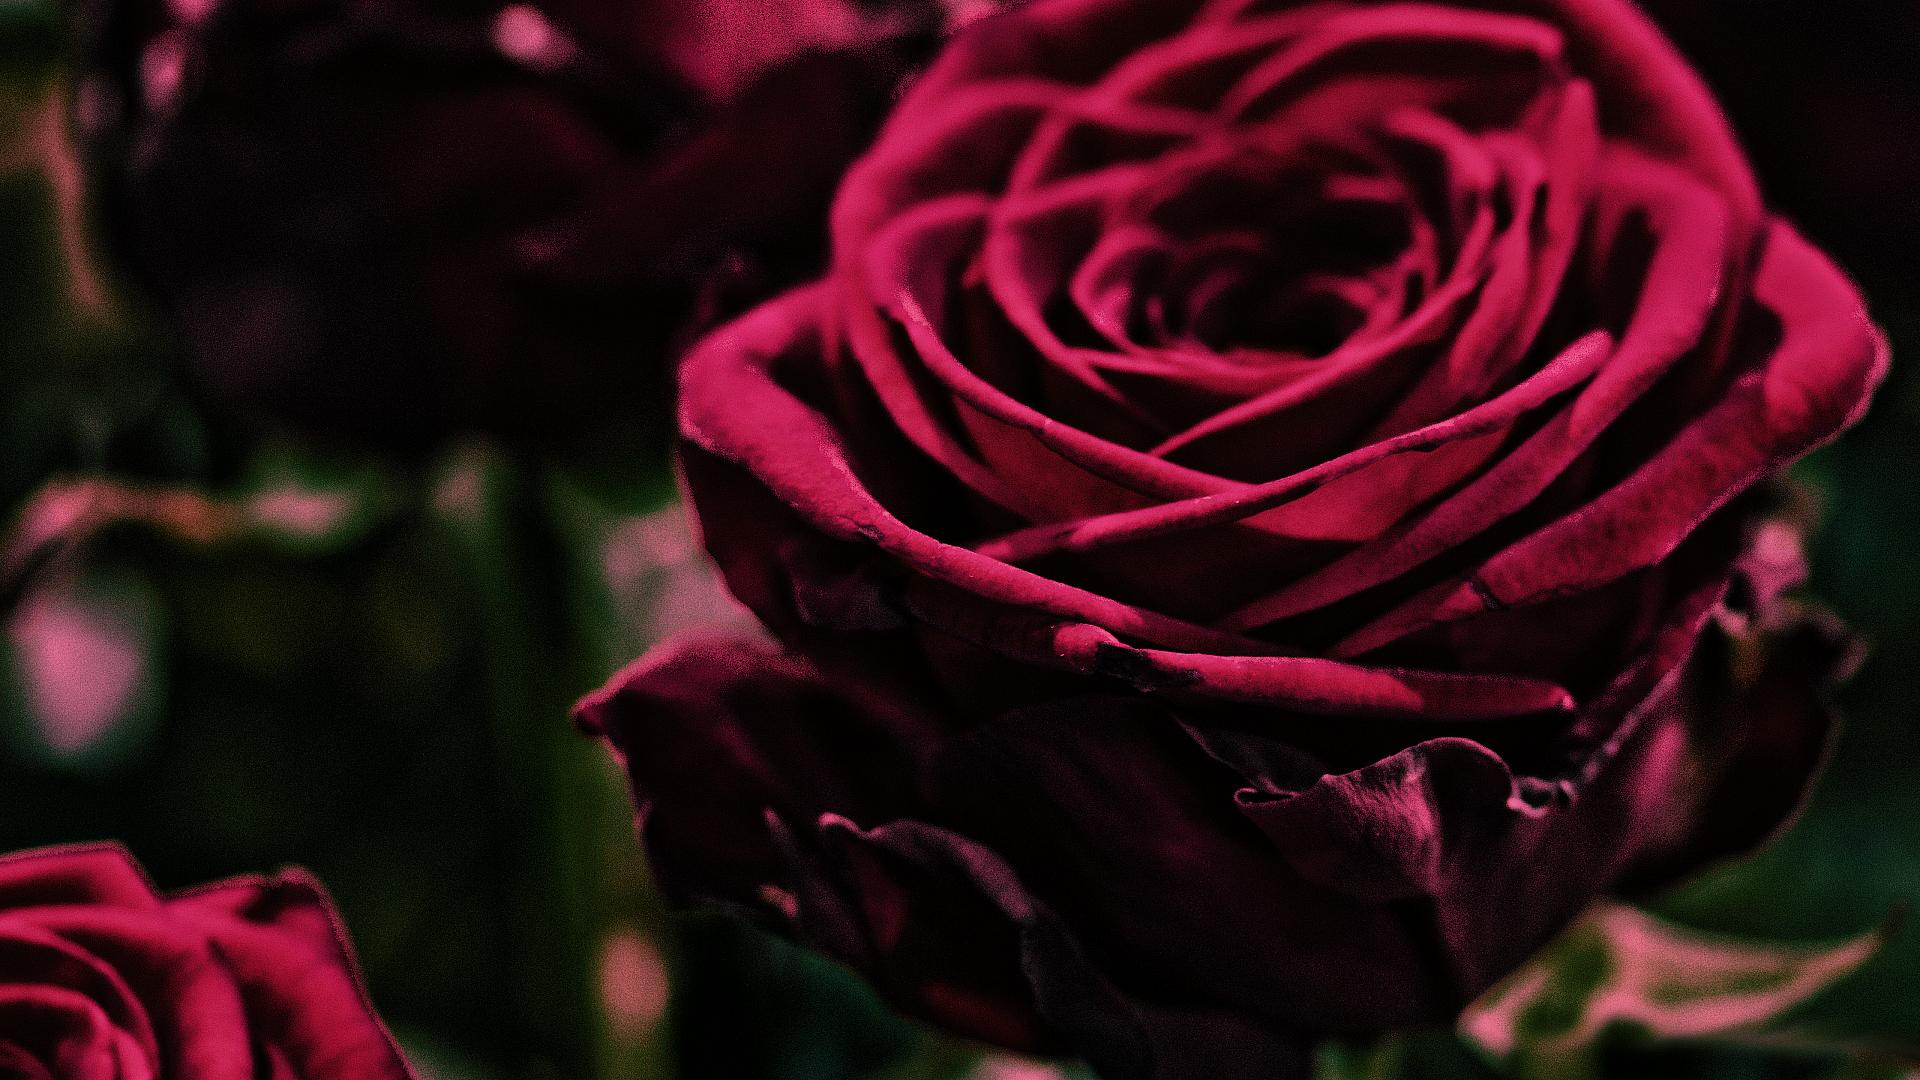 Velvet Rose HD Desktop Background